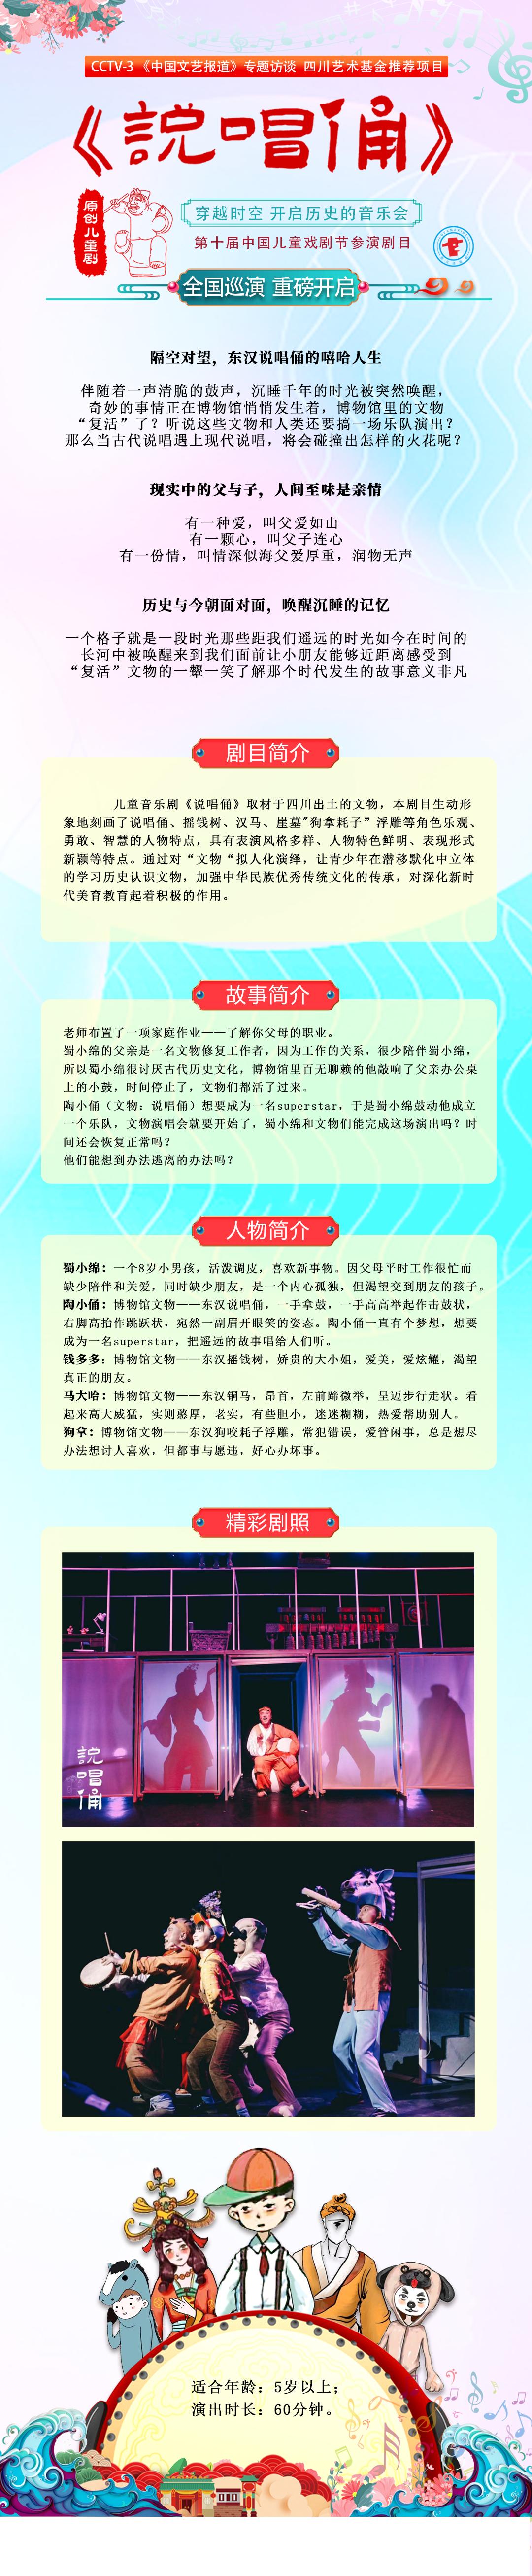 2021儿童音乐剧《说唱俑》-成都站